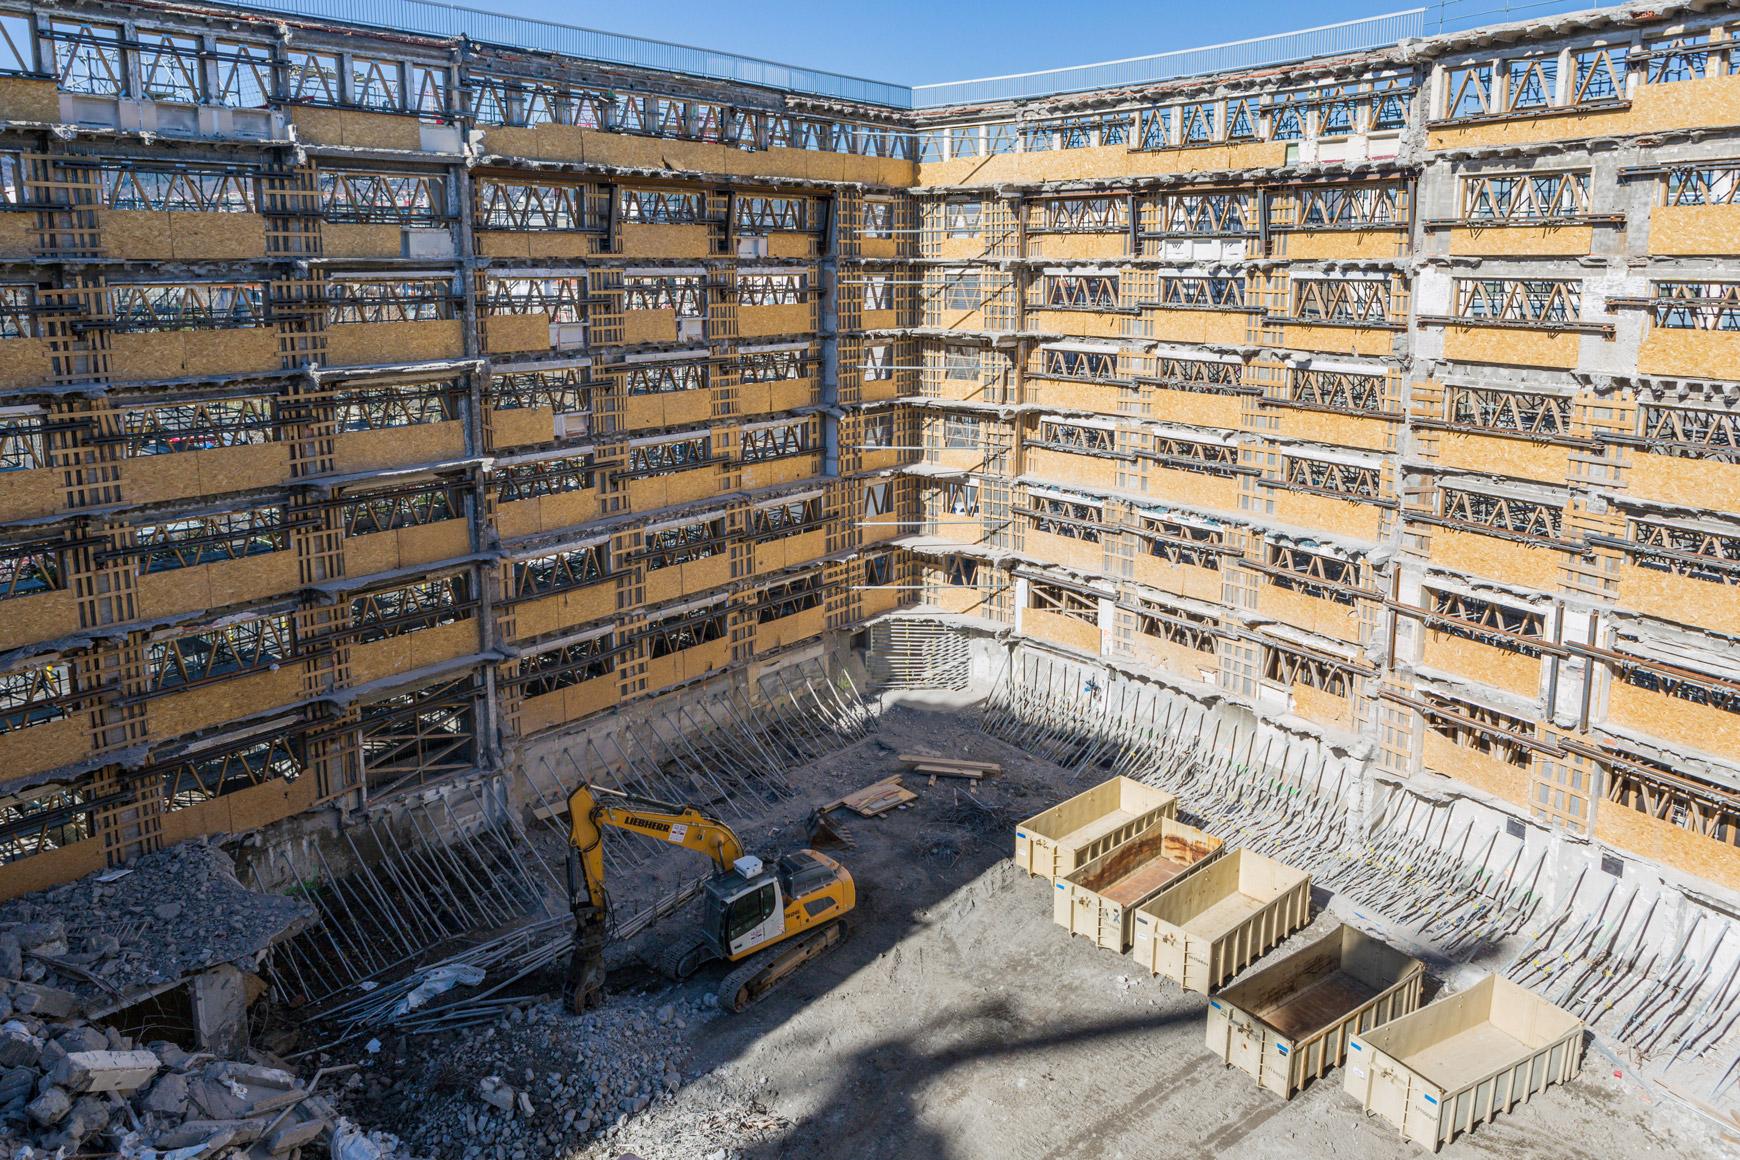 Réhabilitation lourde du siège sociale du Crédit Agricole Centre France à Clermont-Ferrand, labélisé BREEAM EXCELLENT, réalisé par le pôle Tertiaire de l'agence d'architecture SOHO ATLAS IN FINE LYON. Photo de chantier, autre vue sur la cour intérieure.